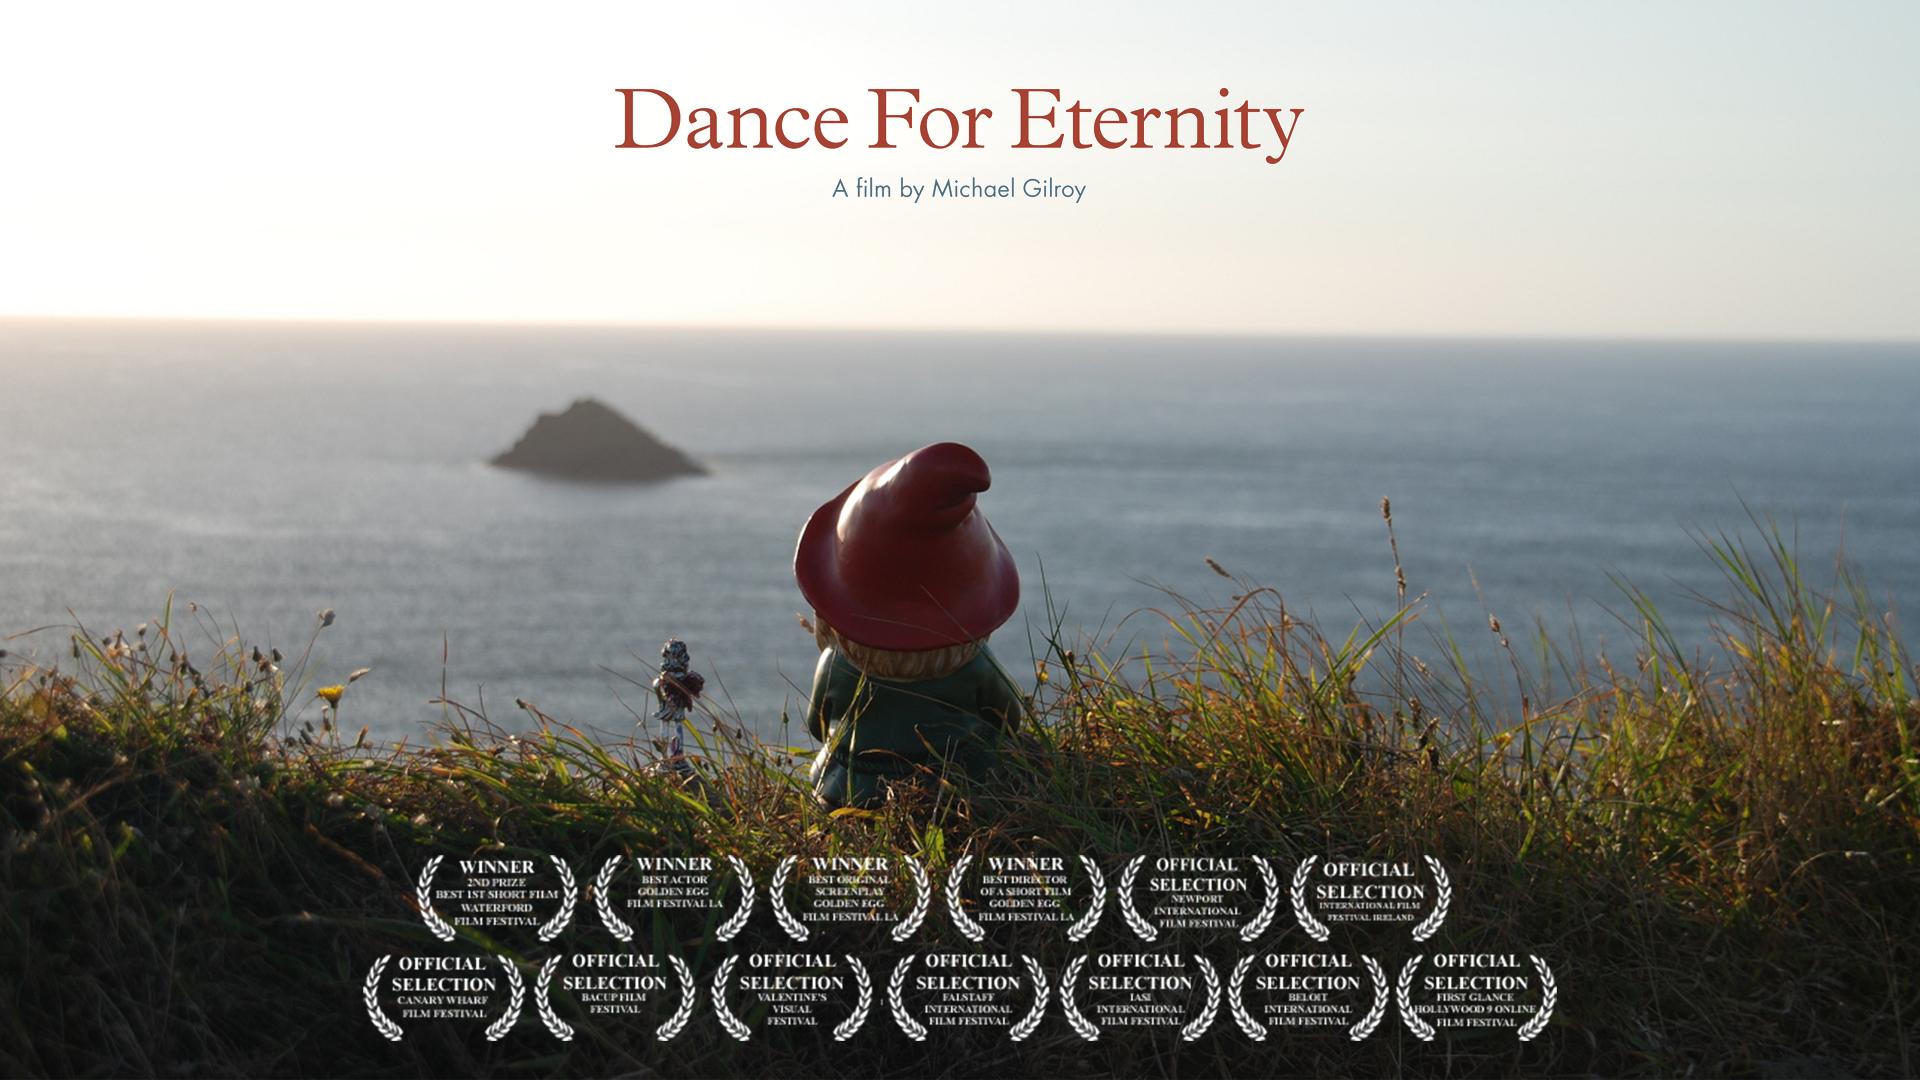 Dance For Eternity